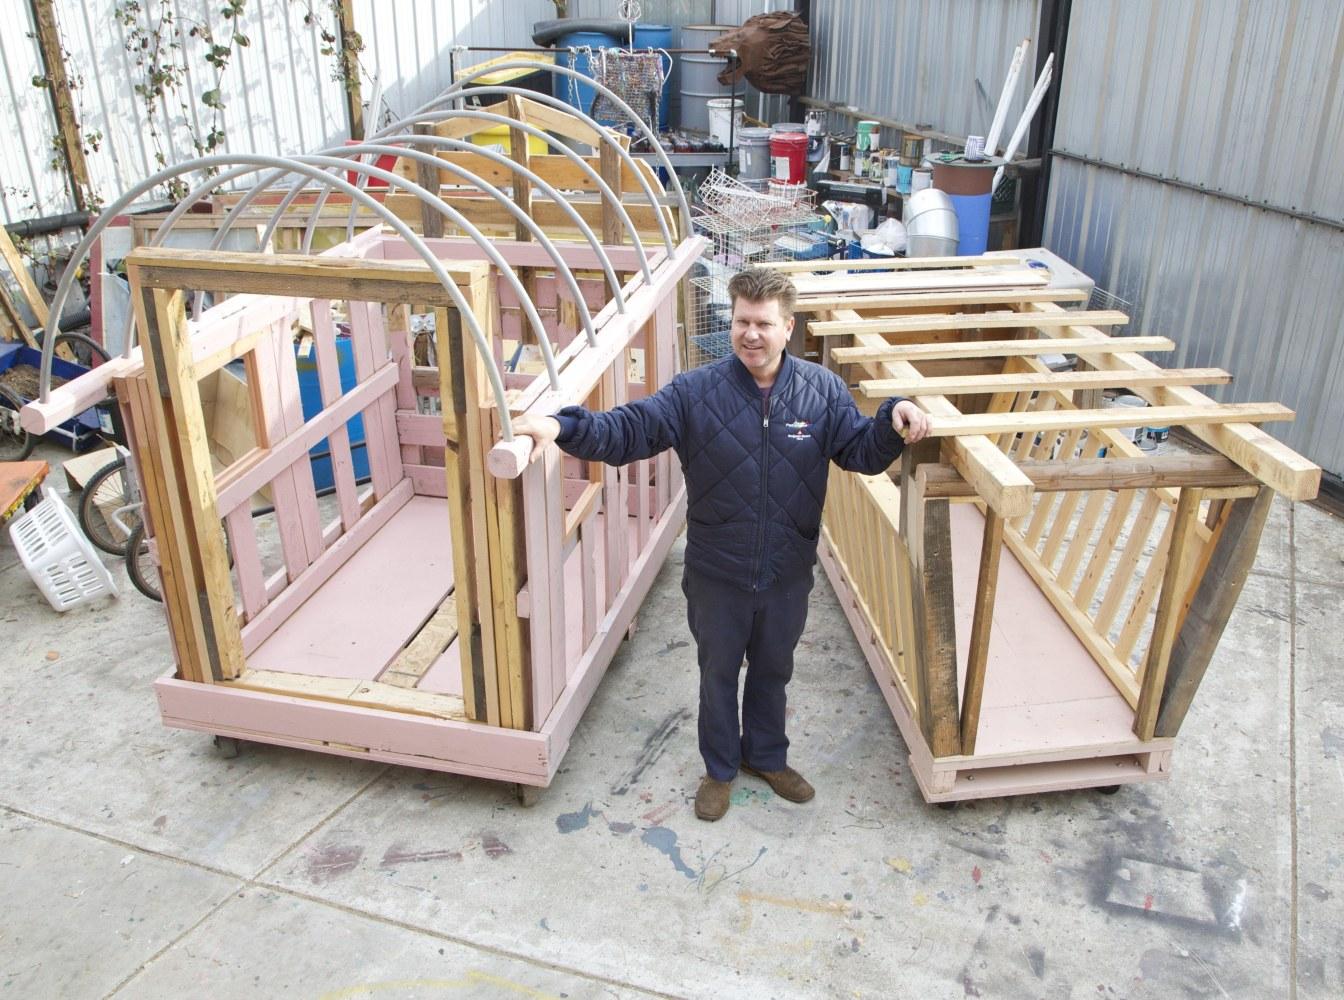 Building A Small Portable Home : Tiny houses a big idea to end homelessness nbc news